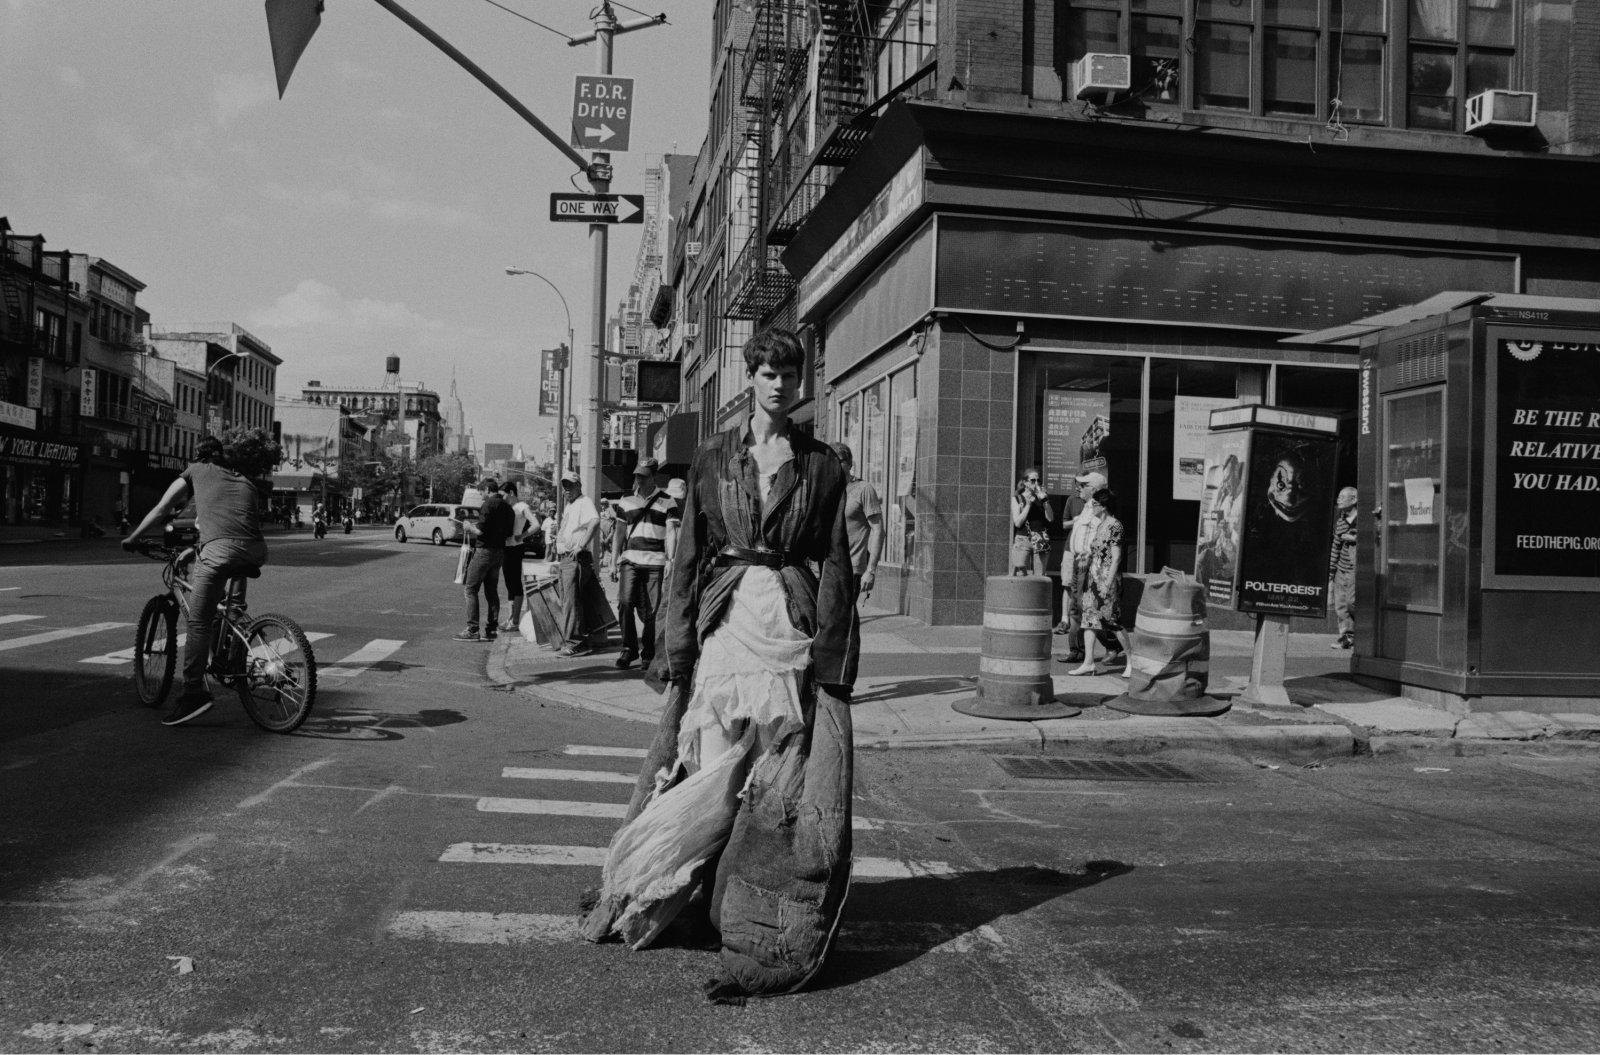 Bowery and Grand Street, 2018 © Saskia de Brauw & Vincent van de Wijngaard